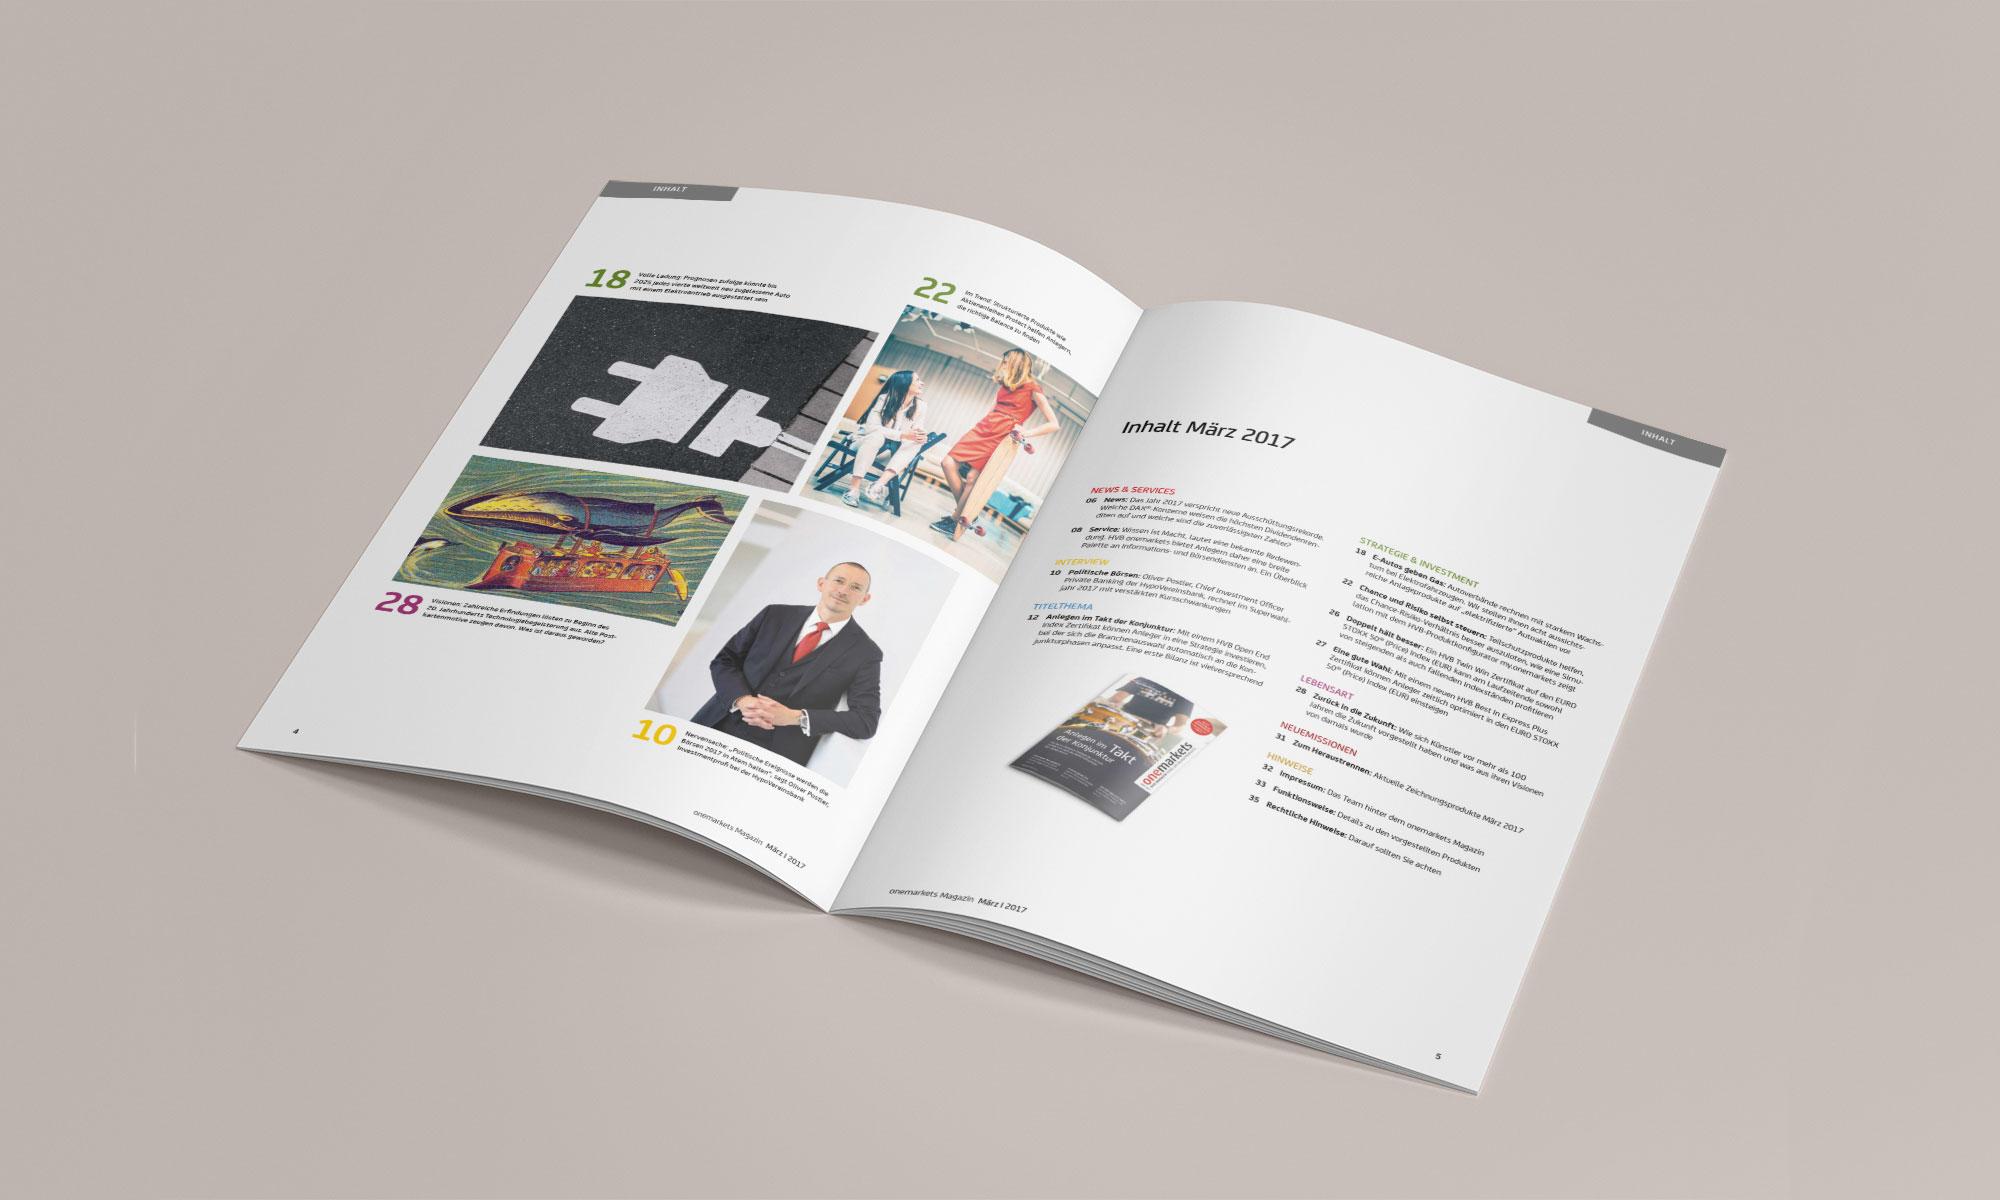 onemarkets Magazin Inhalt